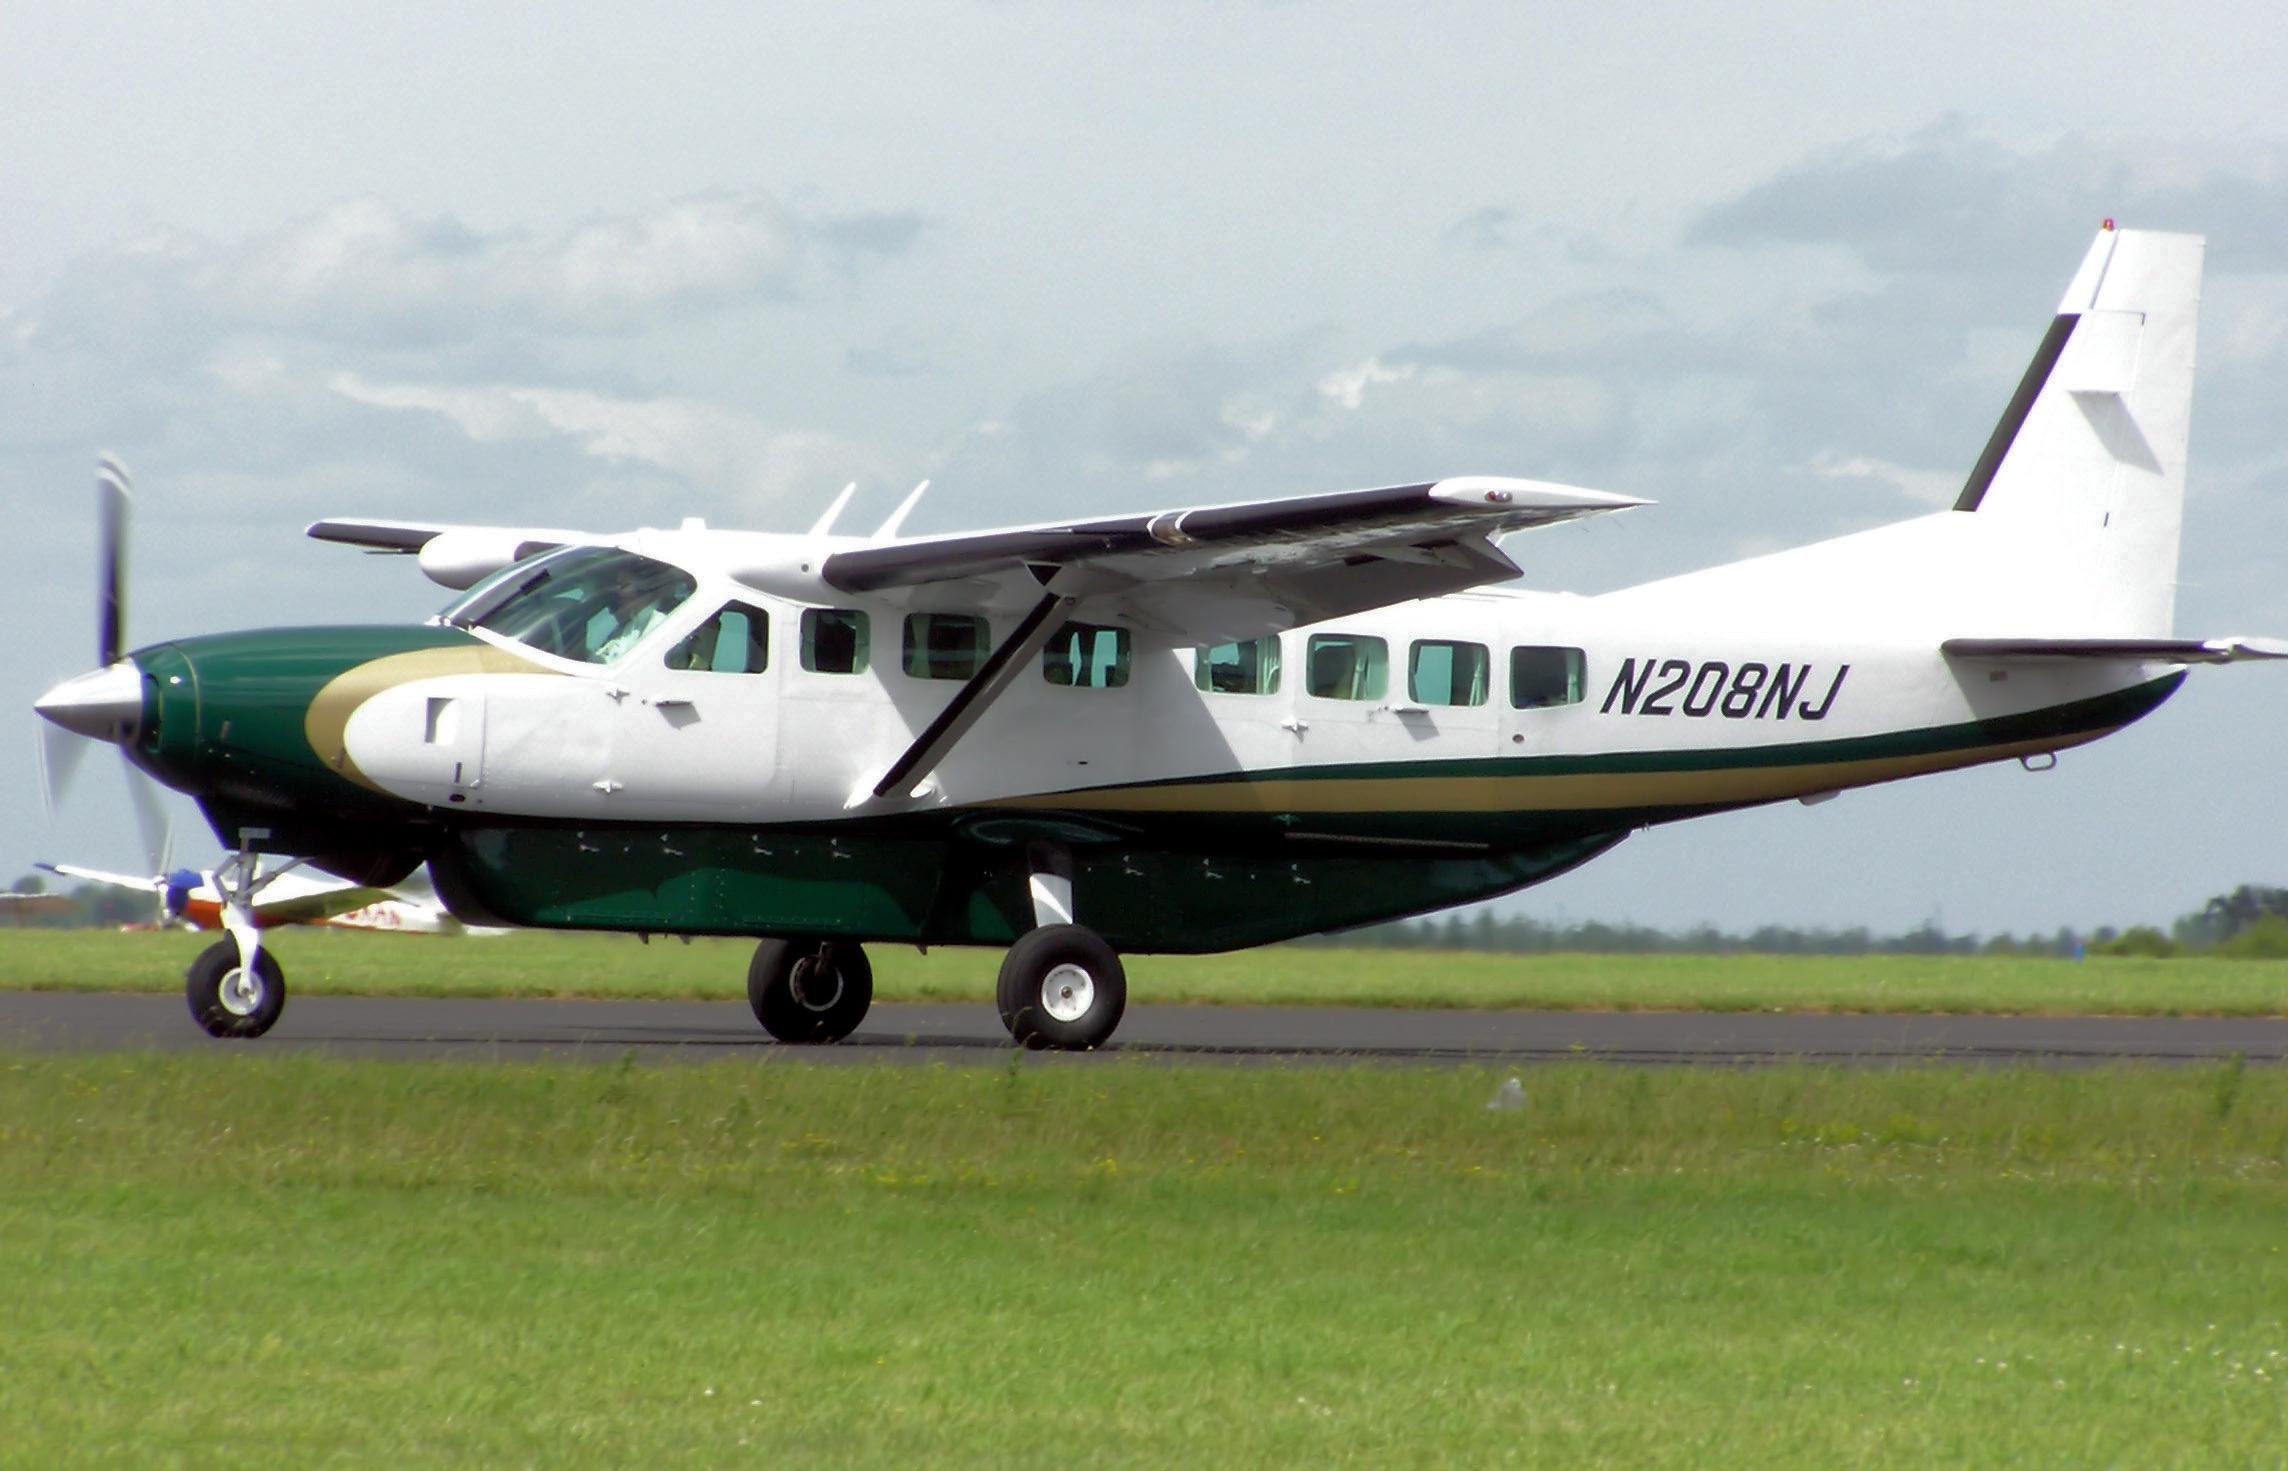 Cessna 208 Caravan Military Wiki Fandom Powered By Wikia